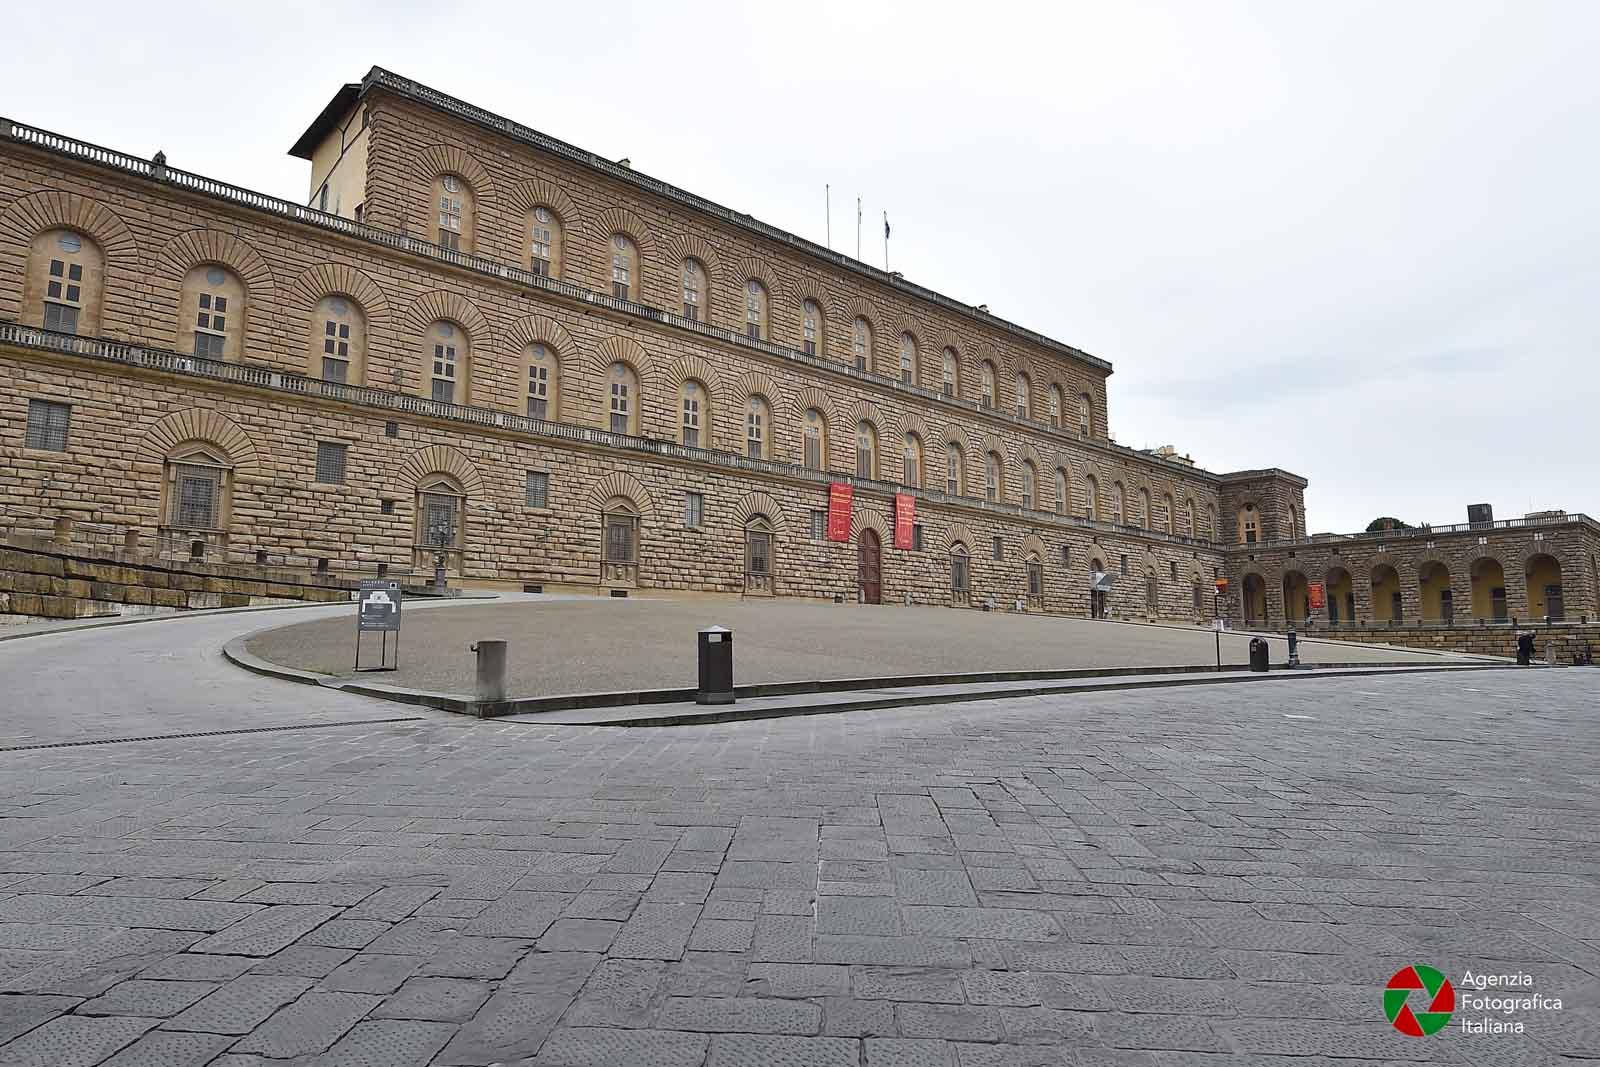 Firenze deserta nei giorni del coronavirus: le foto